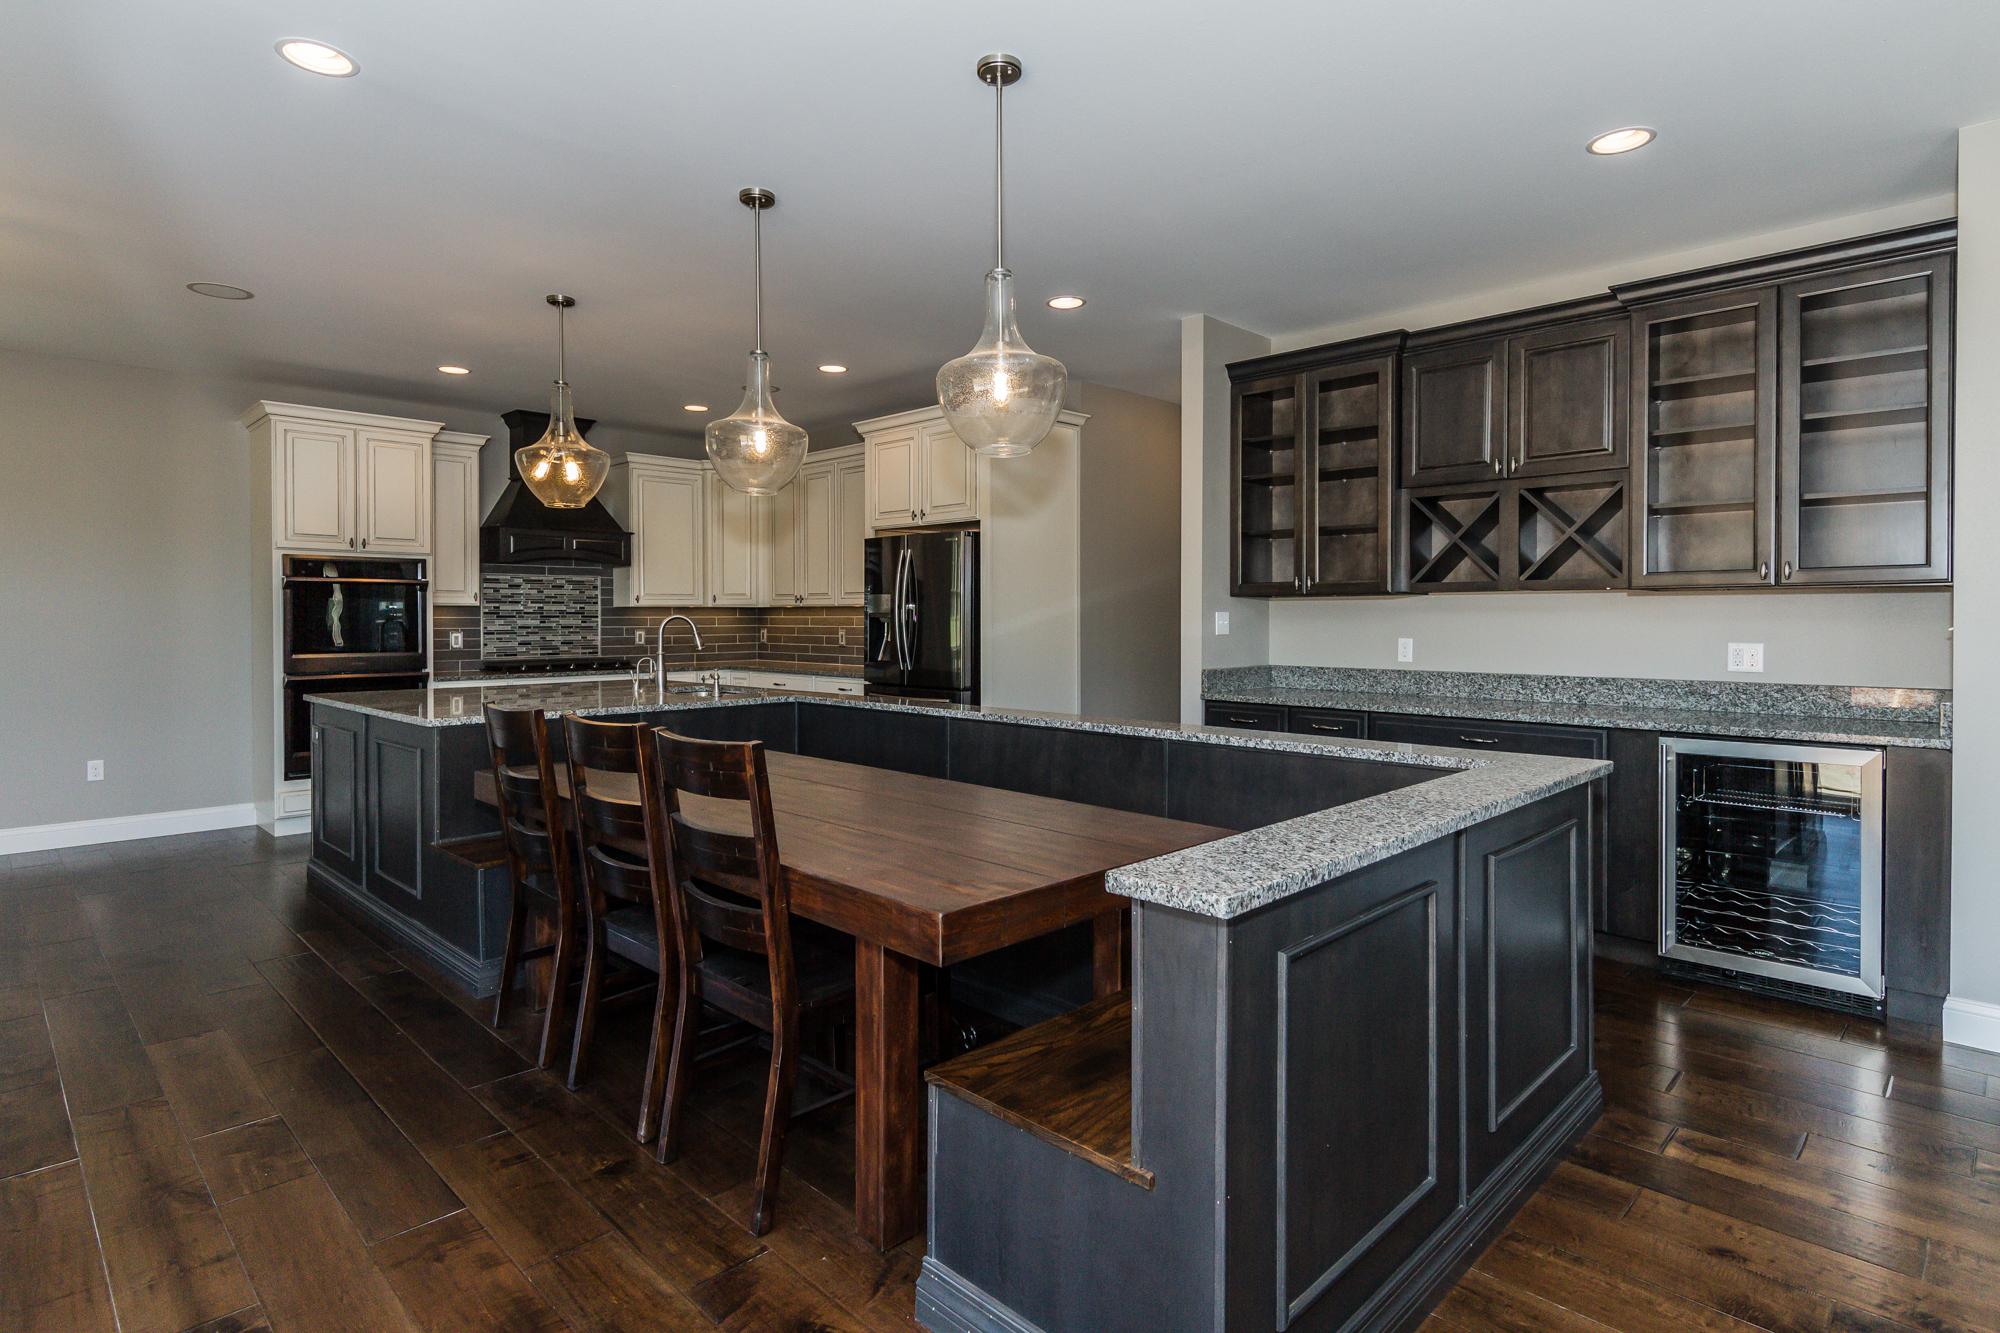 New-Construction-For-Sale-O'Fallon-Illinois-CR-Holland-0-24.jpg